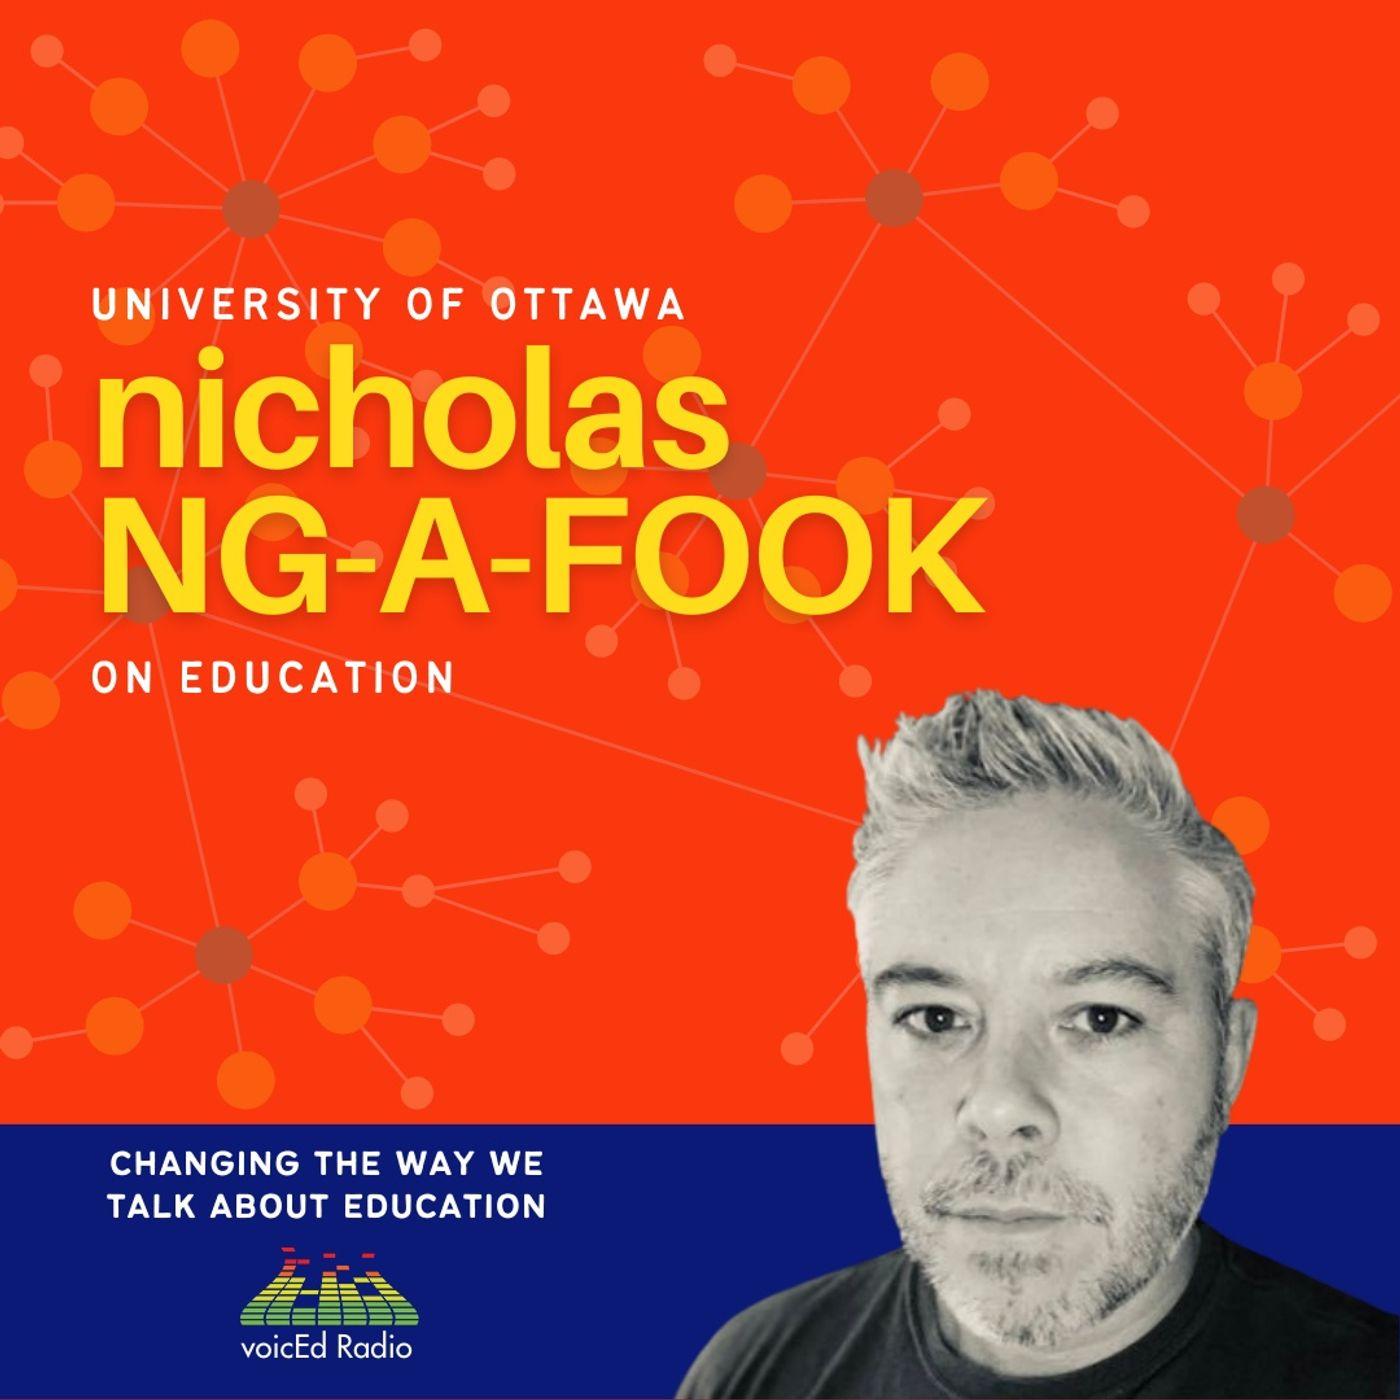 Nicholas Ng-A-Fook